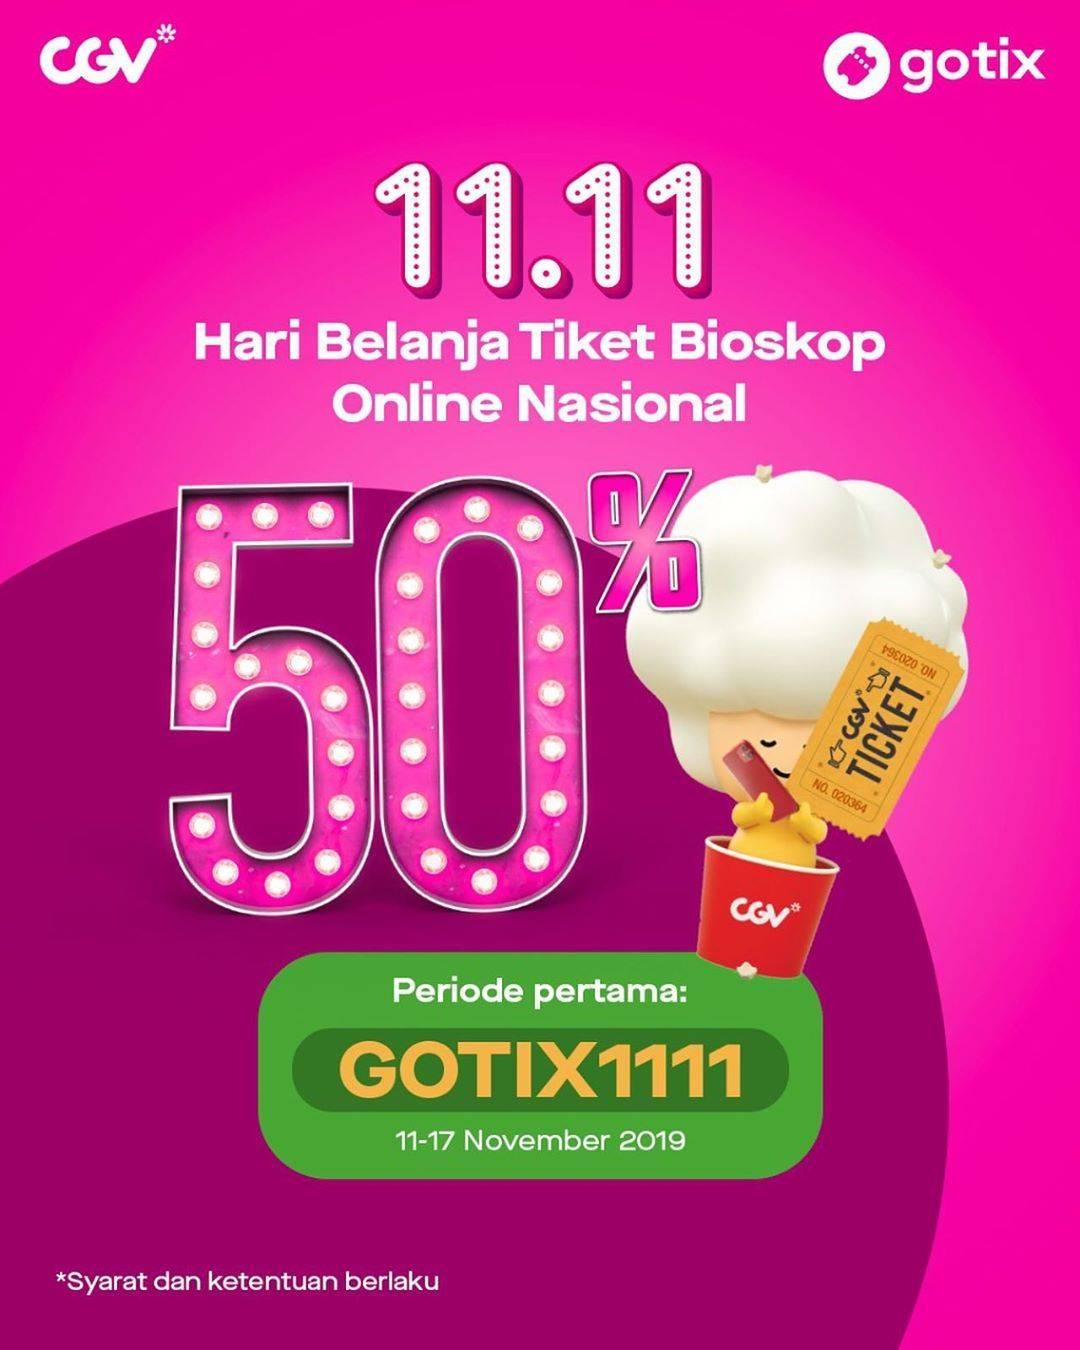 Gotix Promo Diskon 50% Tiket Nonton di CGV - Hari Belanja Tiket Bioskop Online Nasional